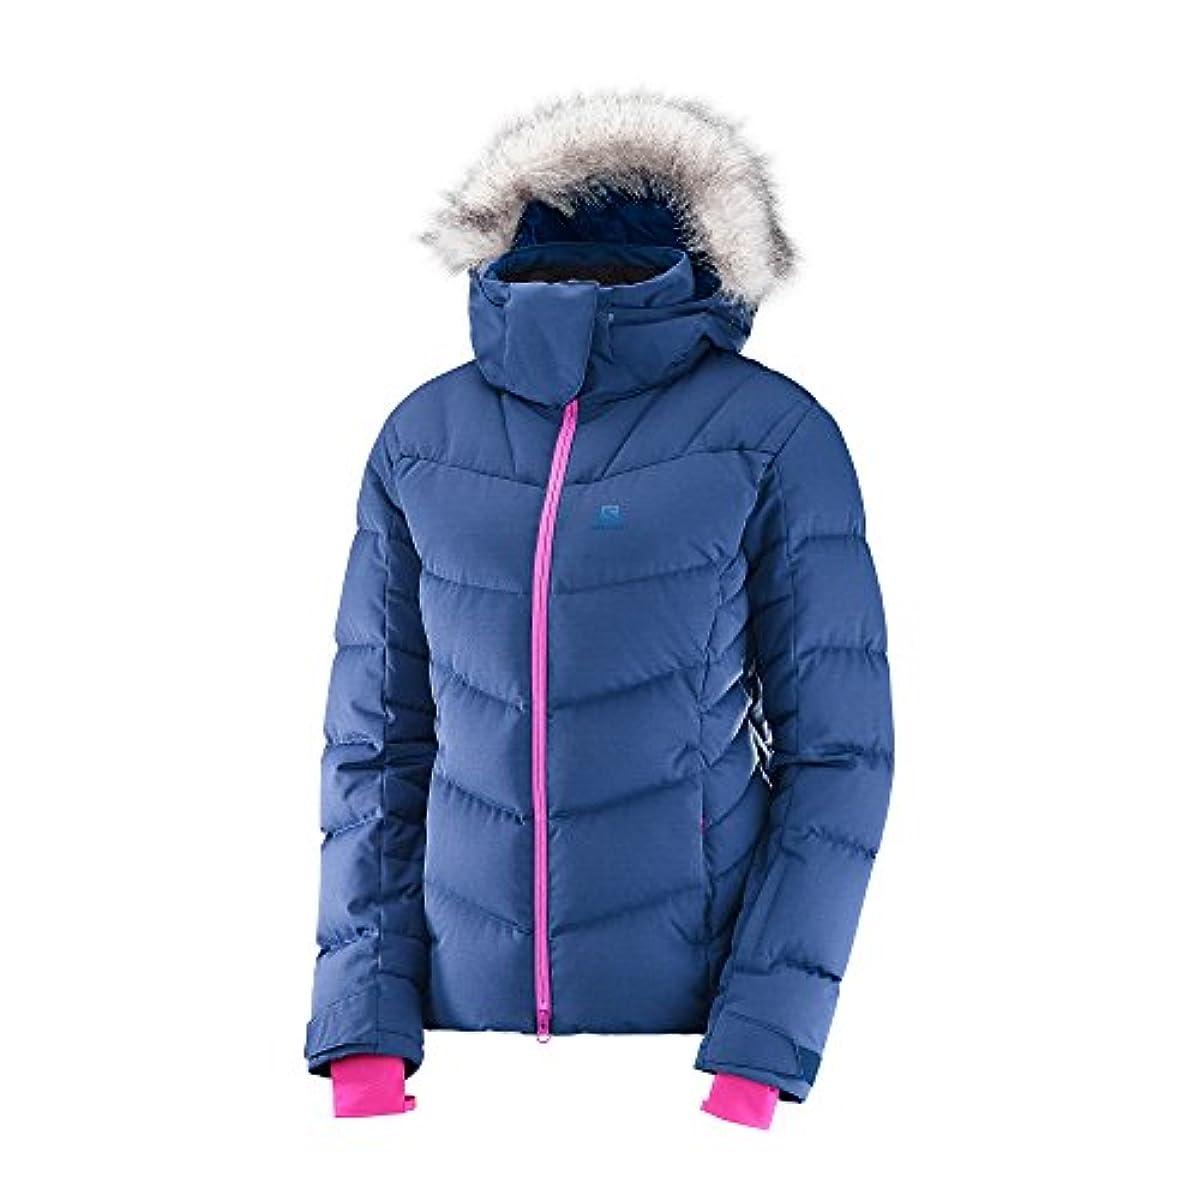 [해외] 살로몬SALOMON 스키 재킷 ICETOWN JKT 아이스 퍼터운 재킷 W 레이디스 L39775500